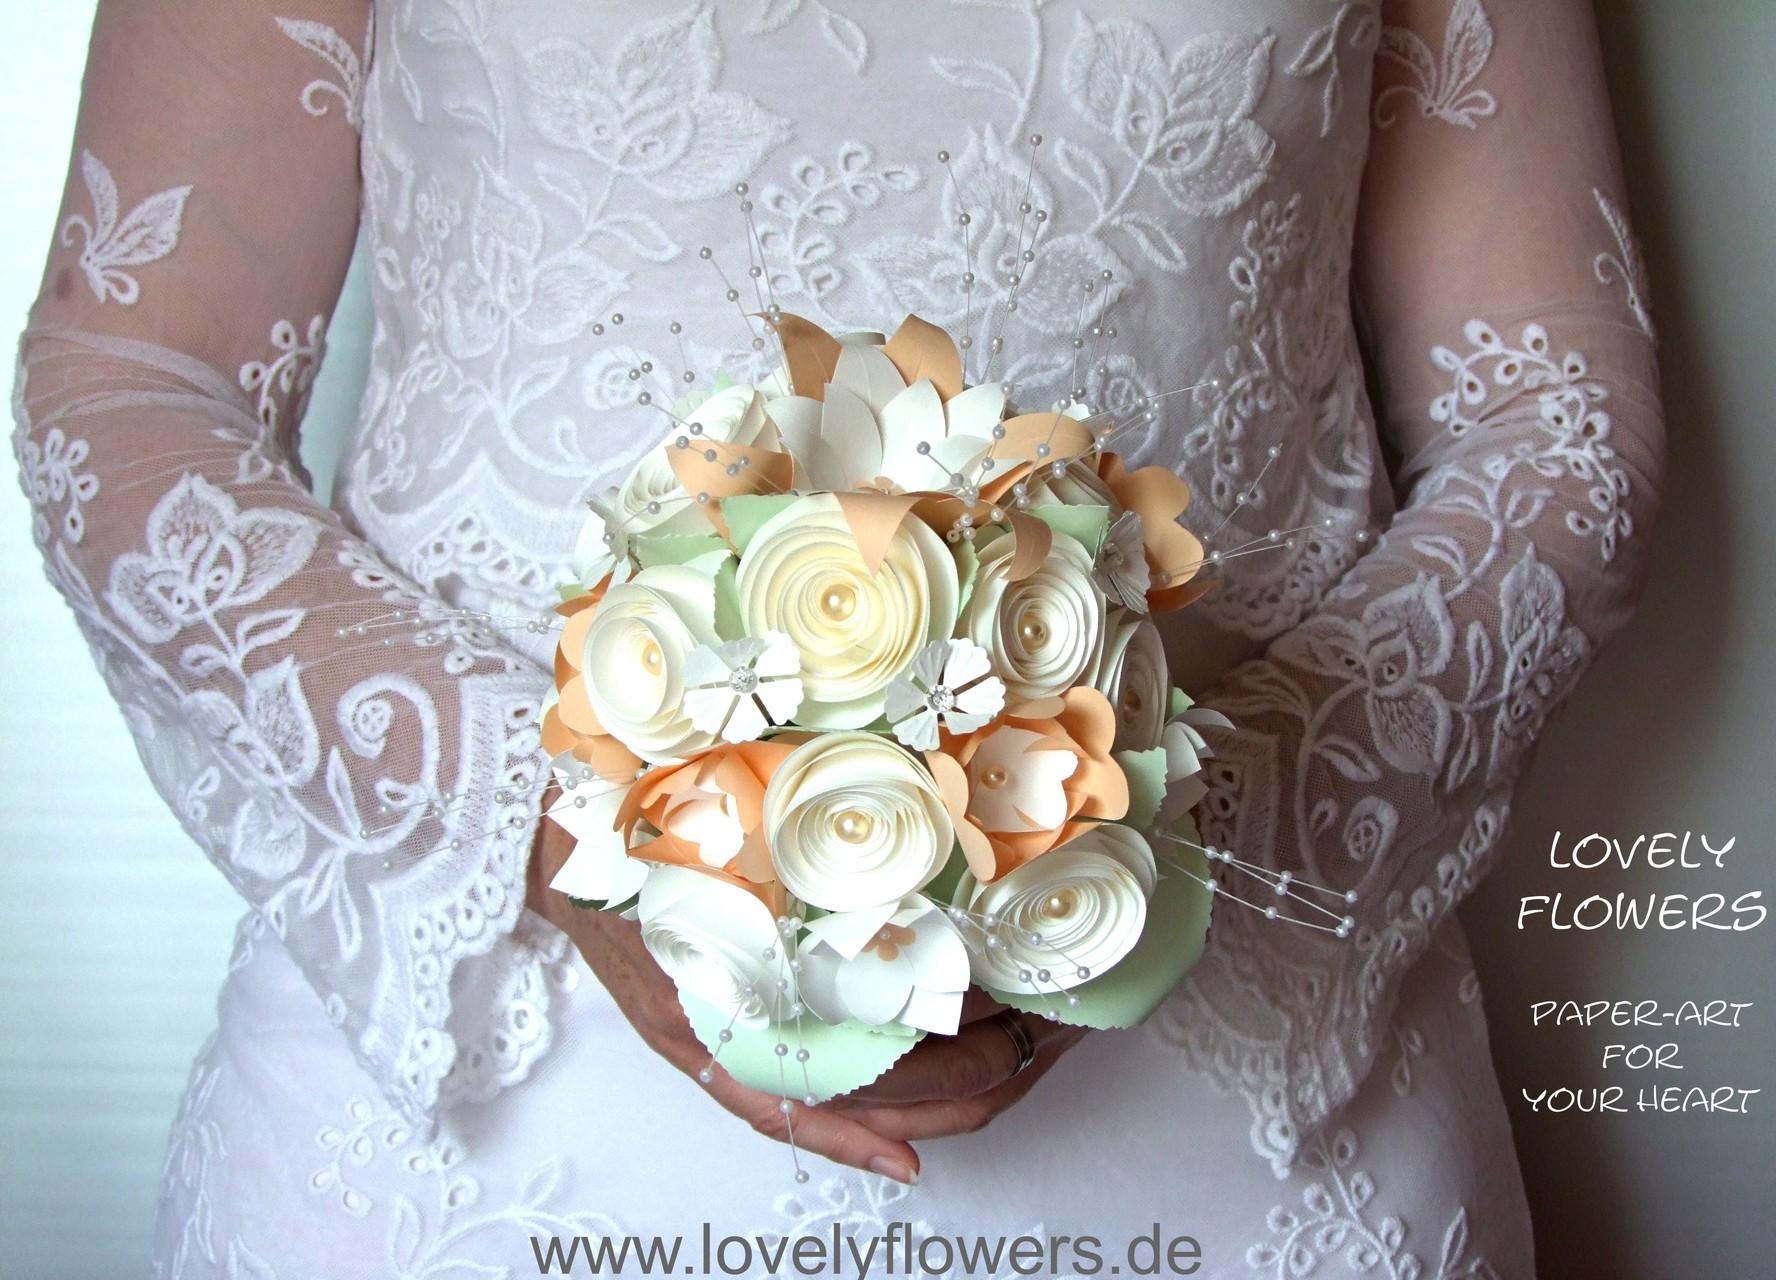 www.lovelyflowers.de - Dein Spezialist für PAPER-ART-Brautbouquets!